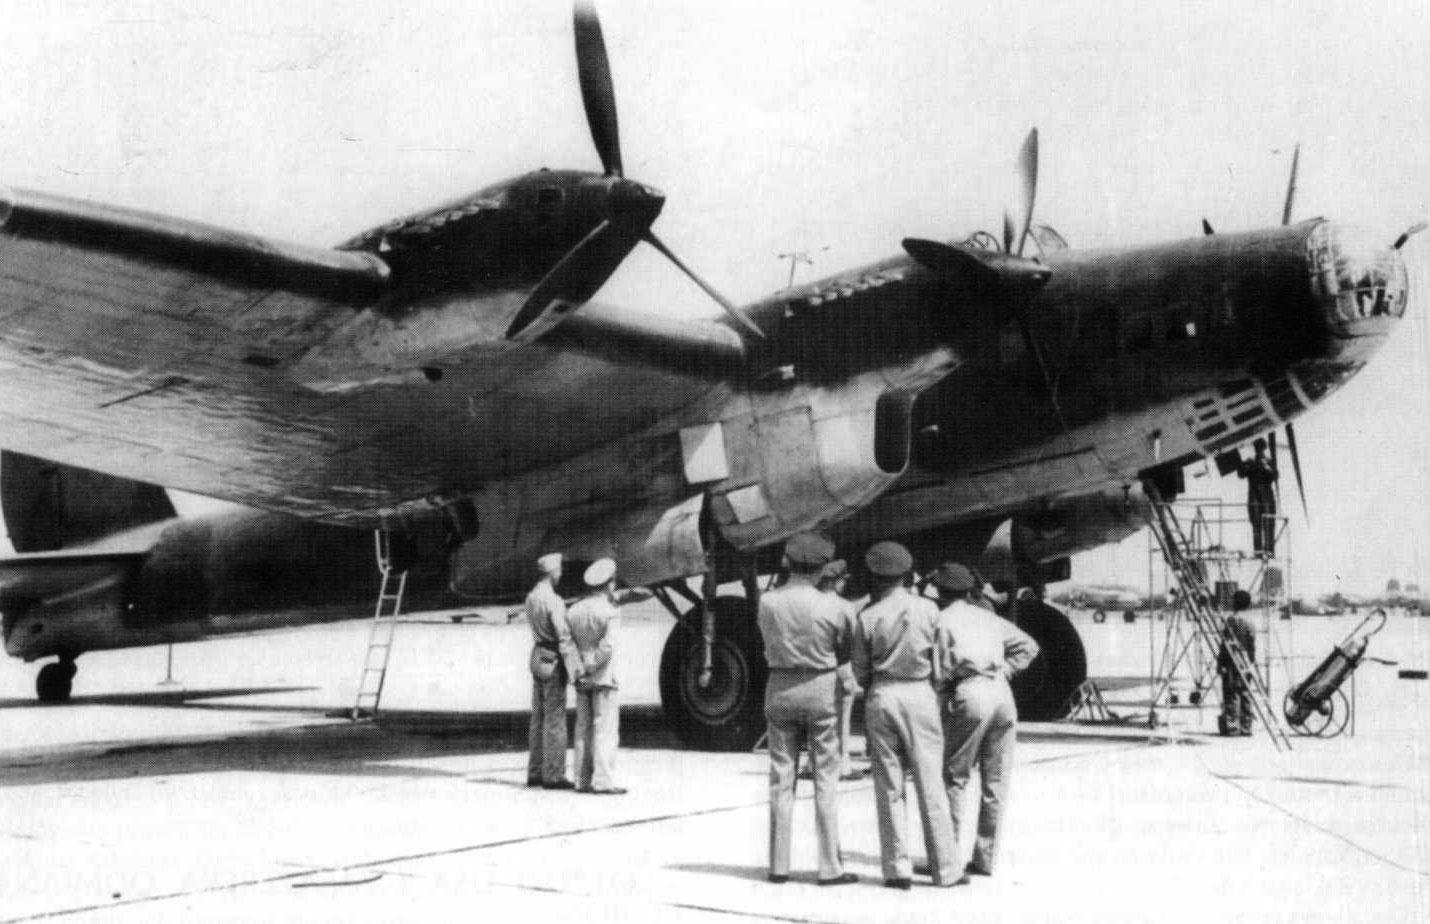 29 мая 1942 года Пе-8 доставил в Вашингтон для переговоров делегацию во главе с наркомом иностранных дел В.М. Молотовым.